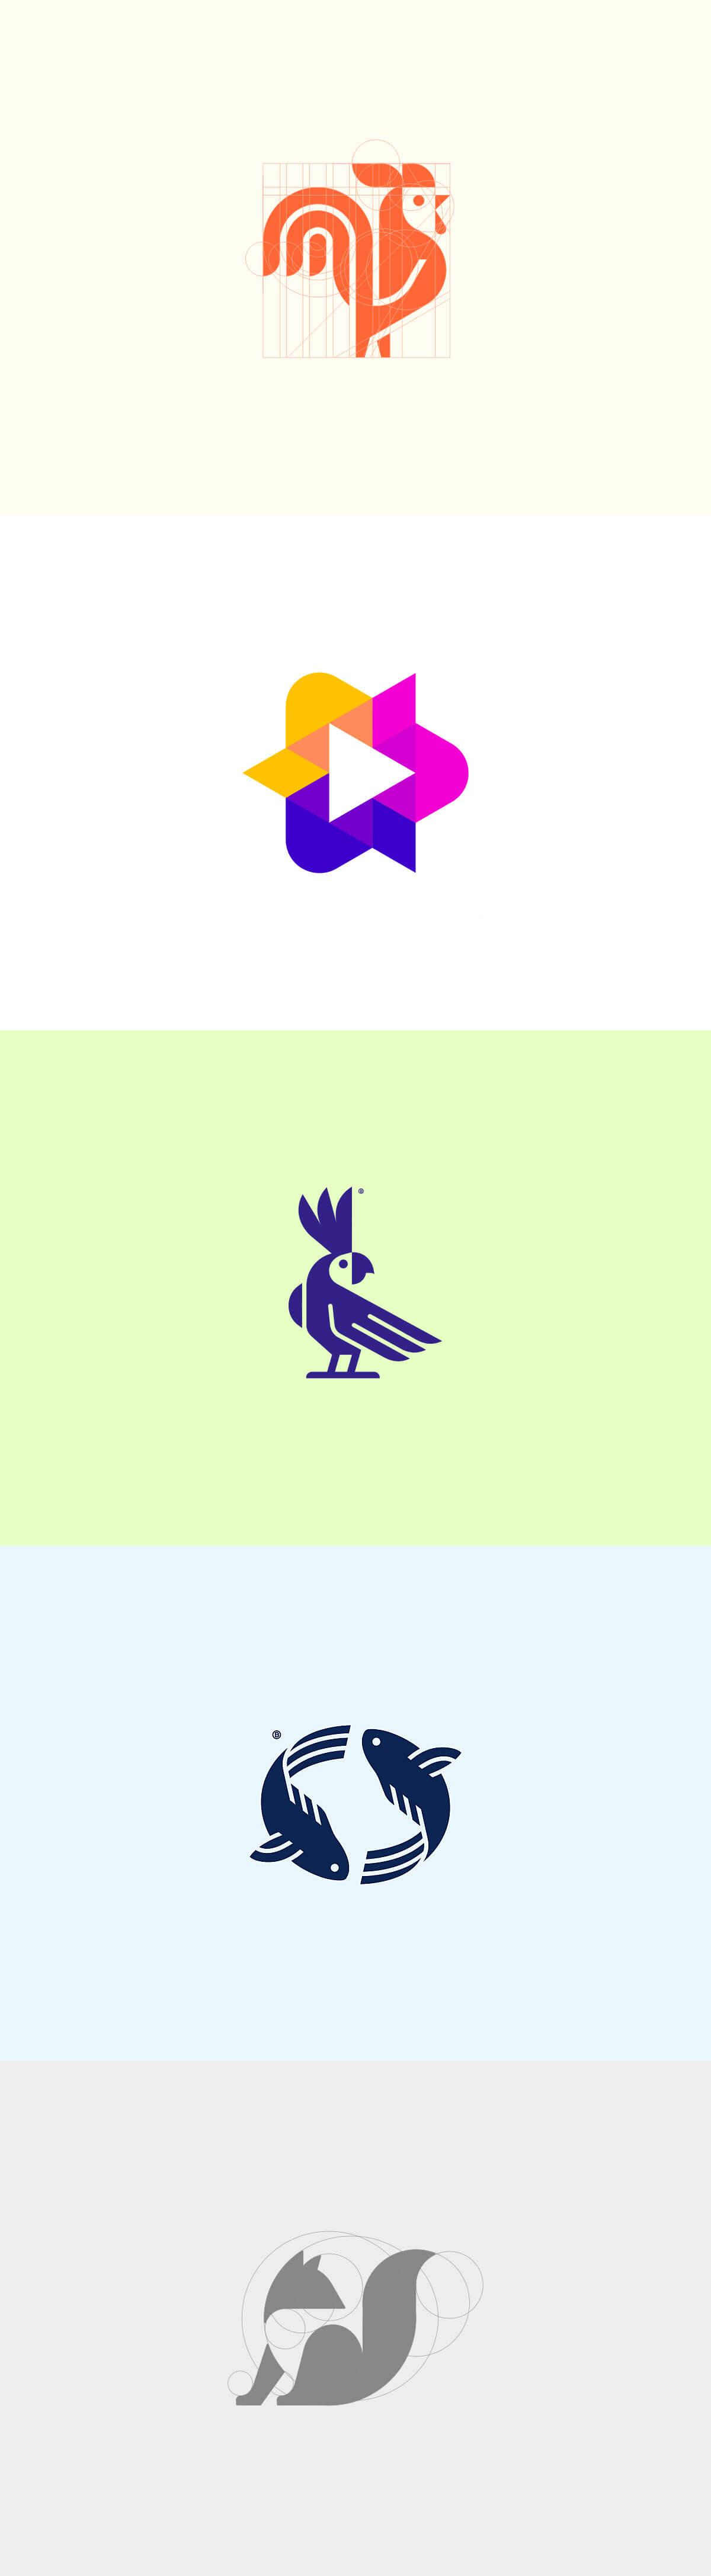 Logo design by Vadim Korotkov